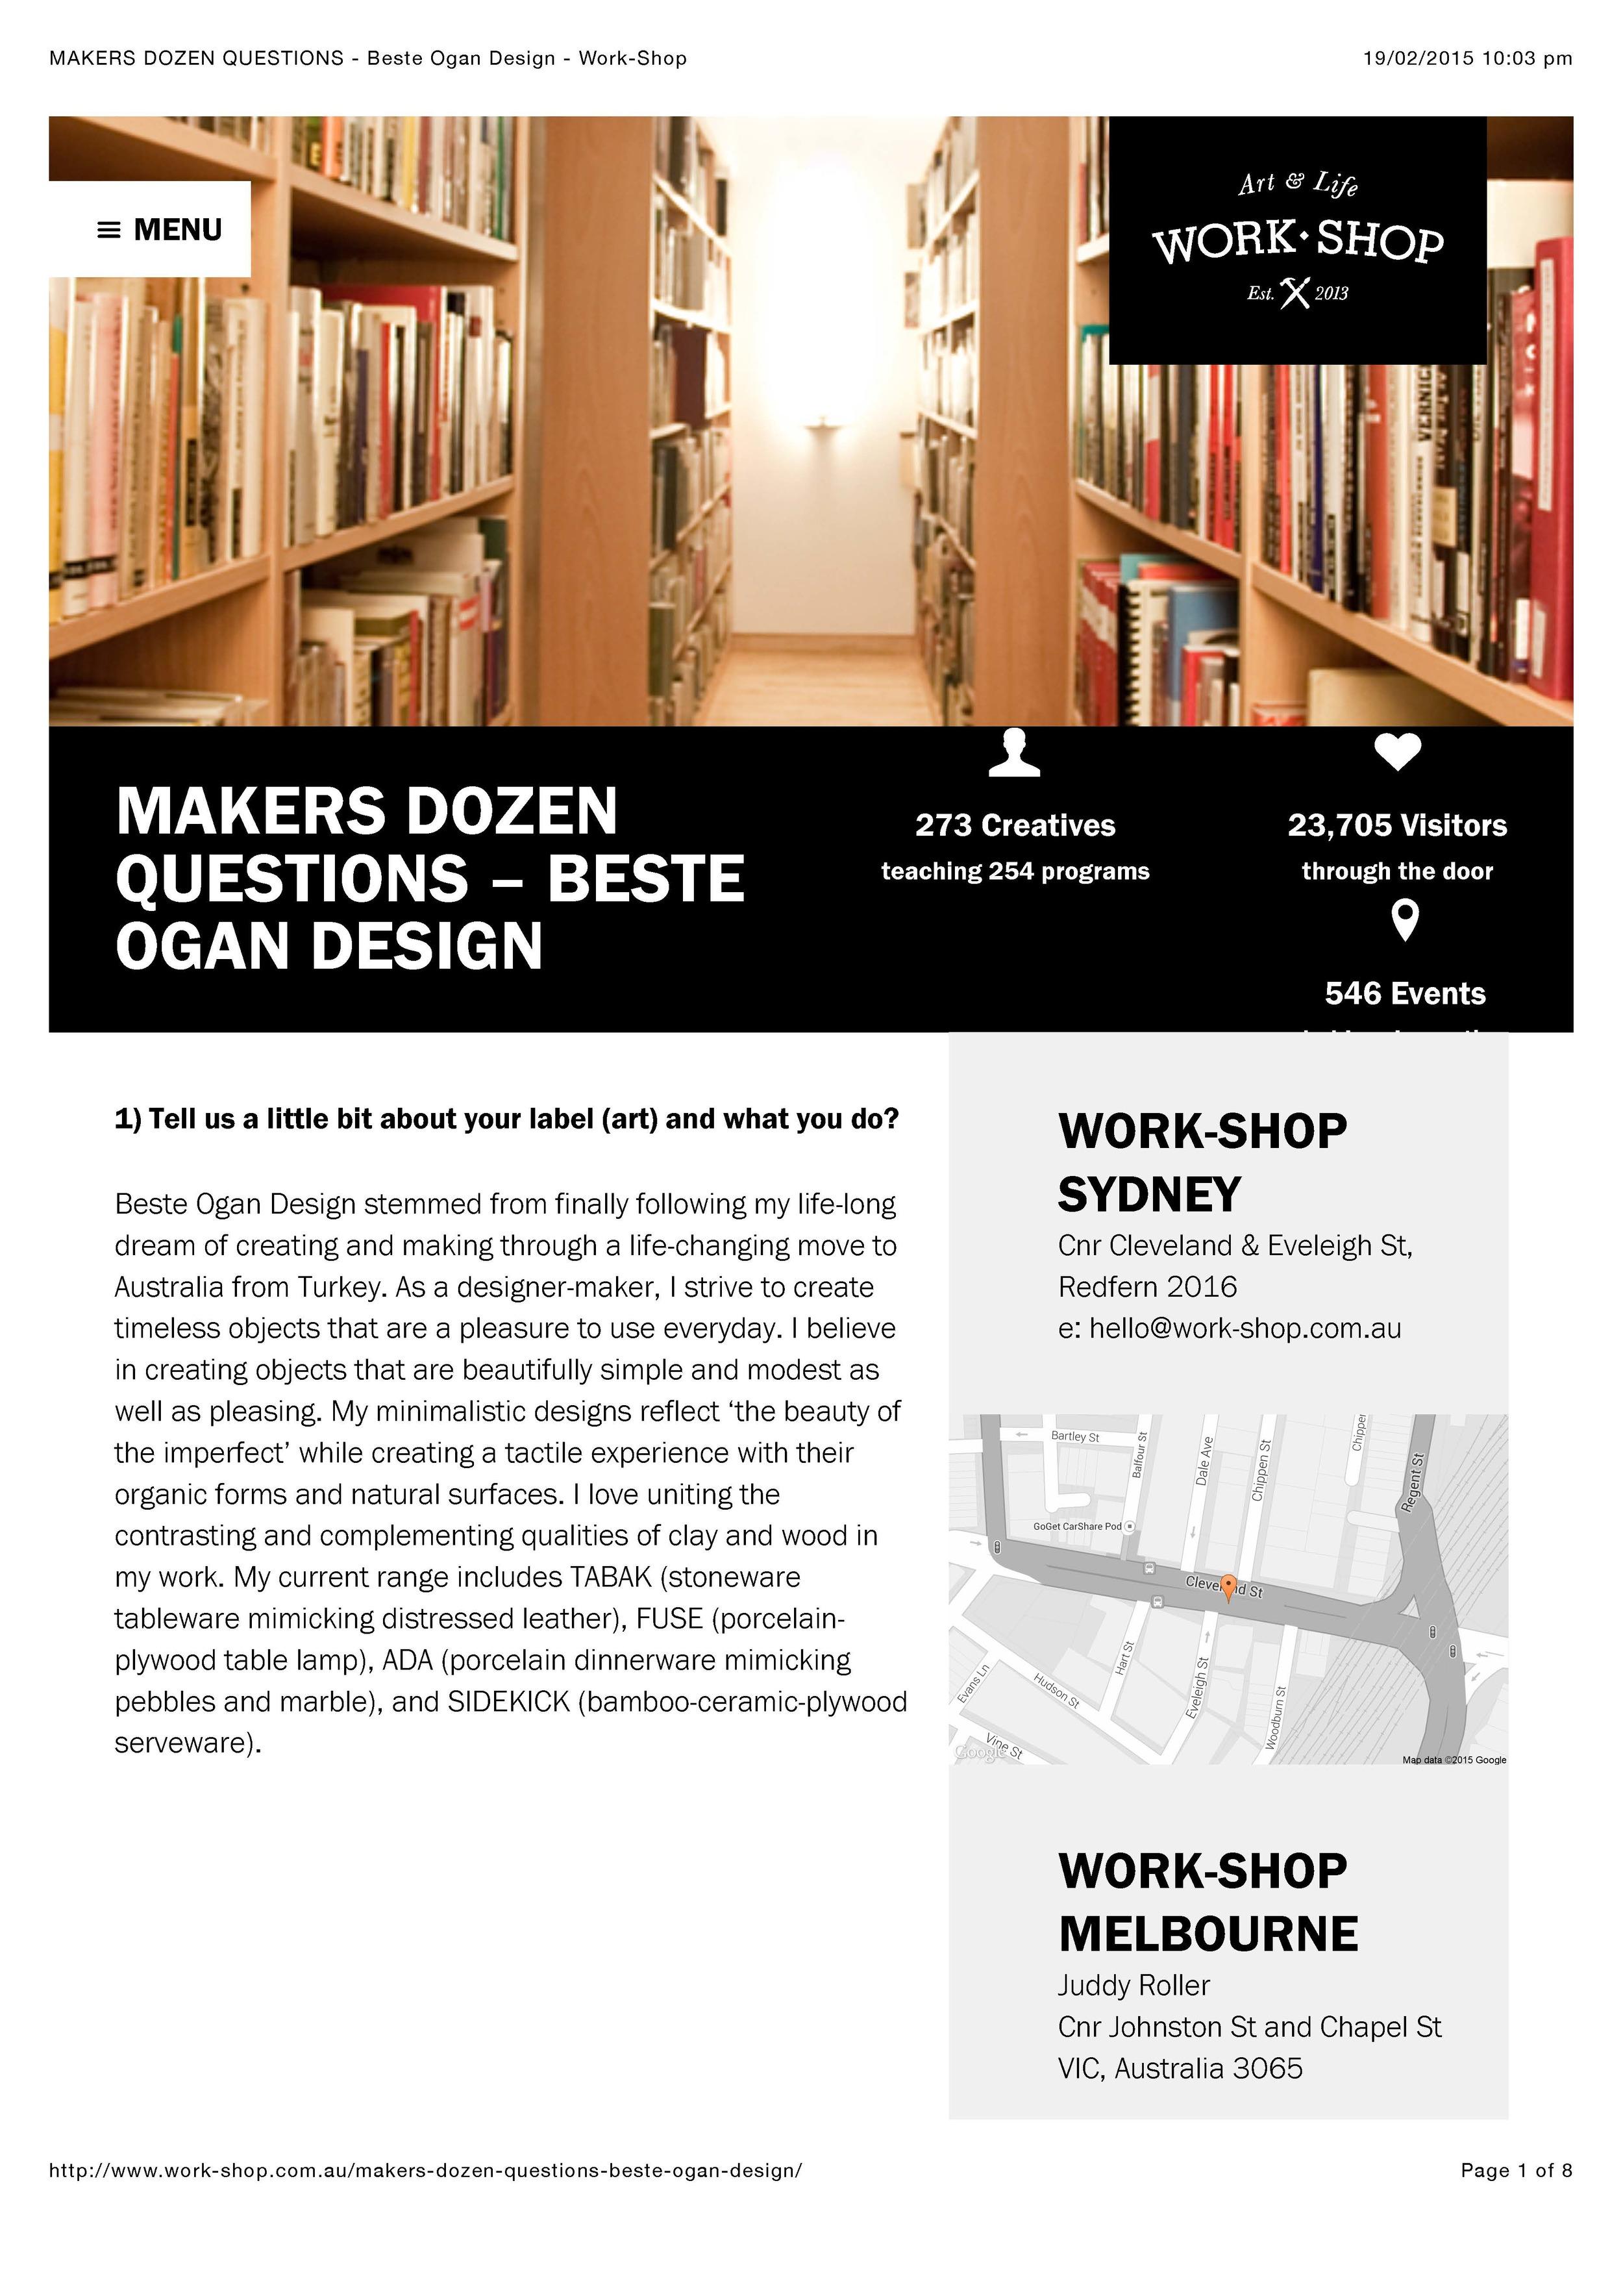 Makers Dozen Questions - Beste Ogan Design 1.jpg